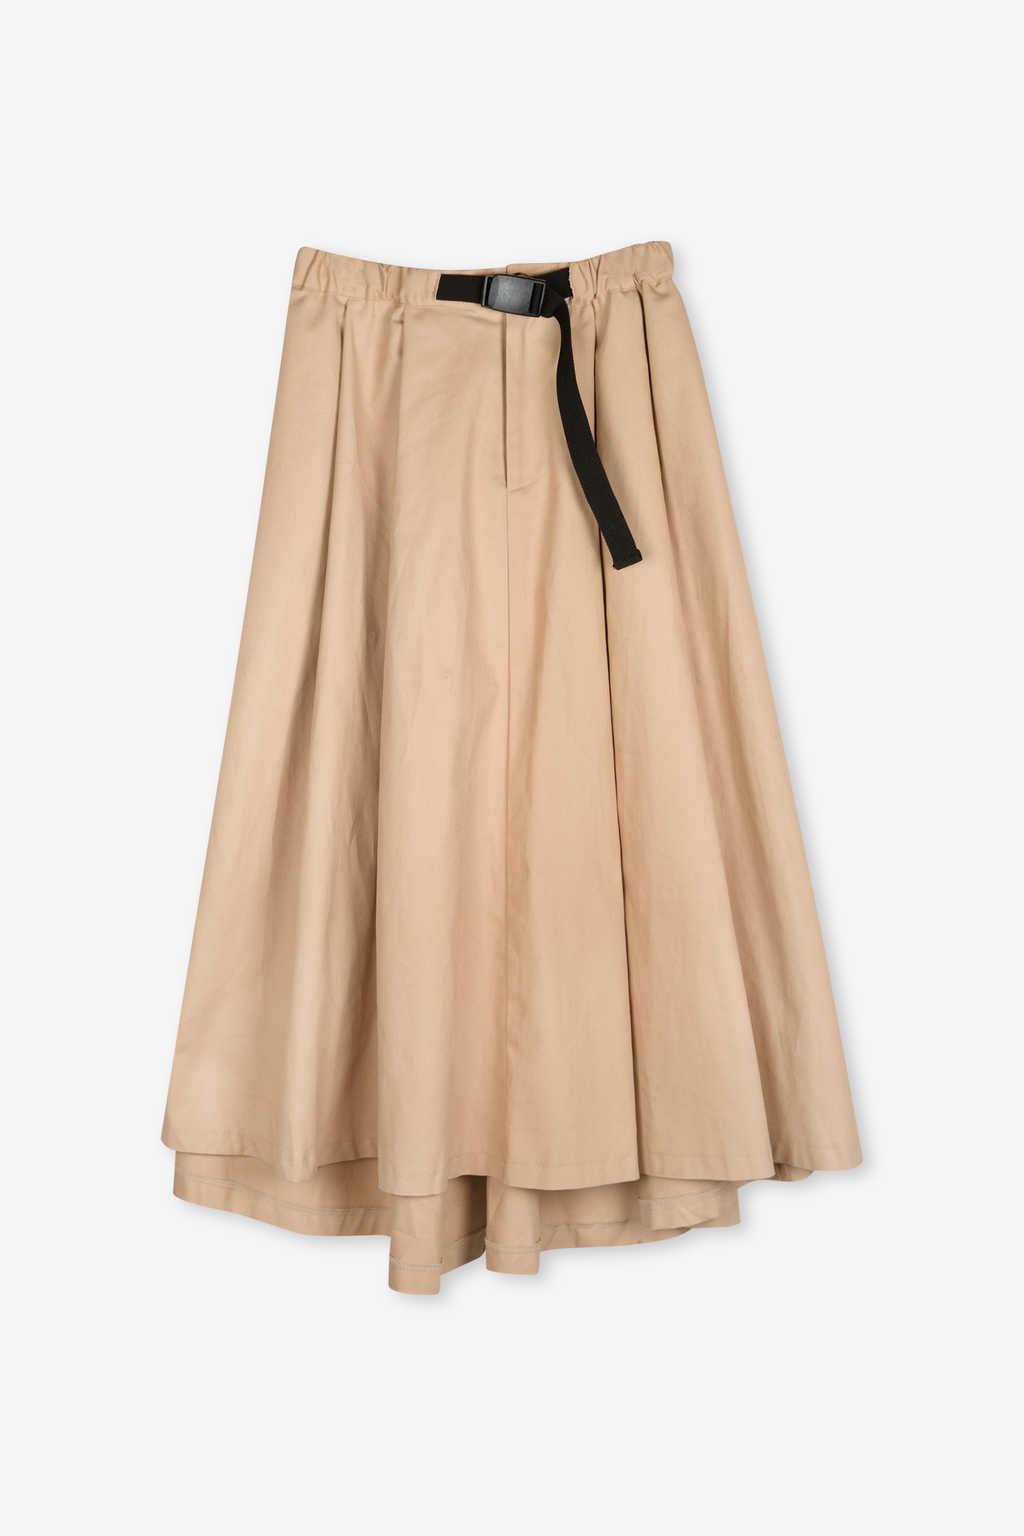 Skirt H208 Beige 5